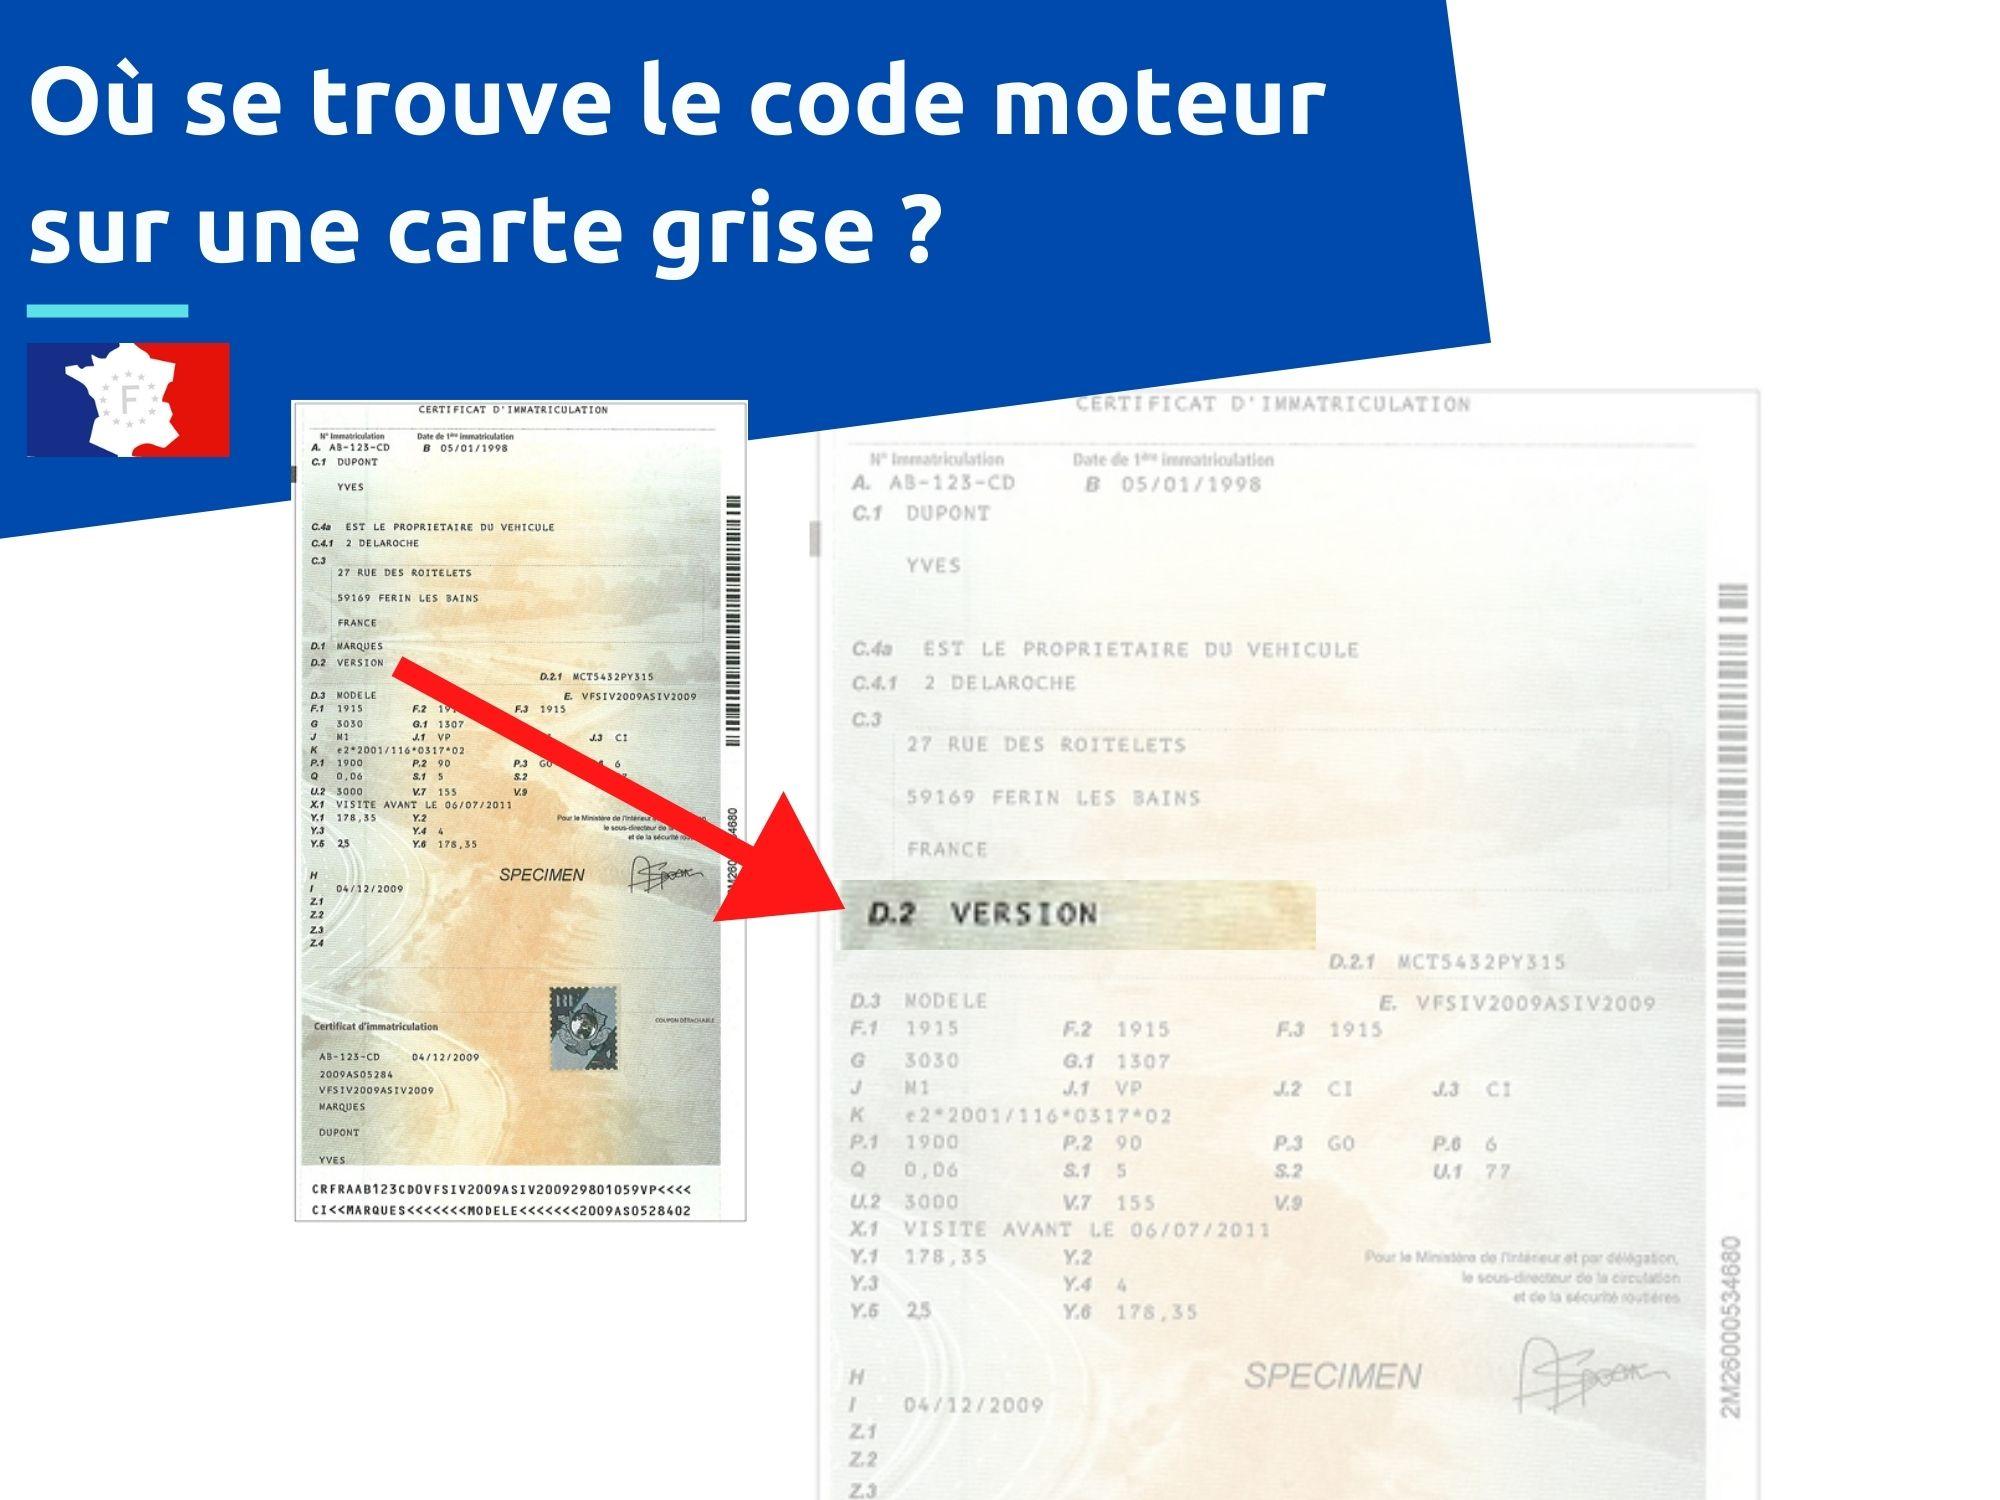 où trouver le code moteur carte grise